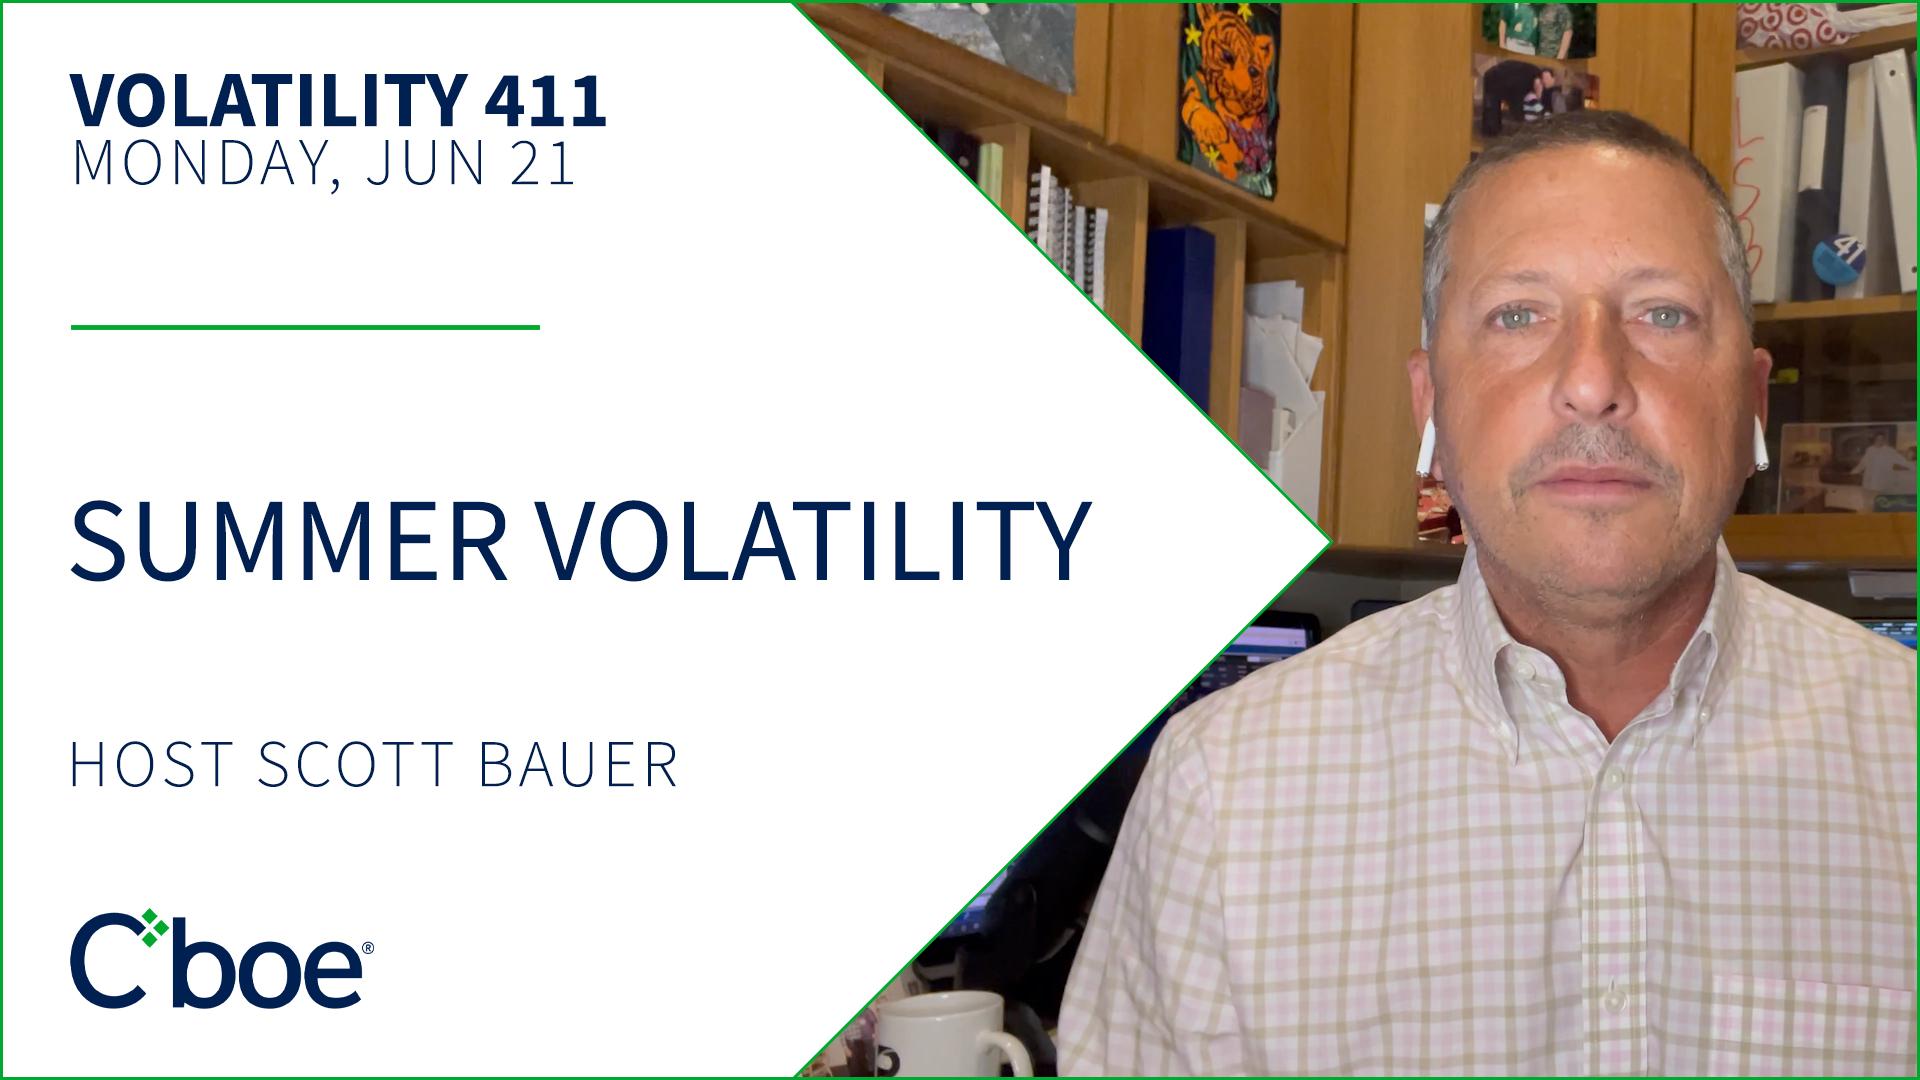 Summer Volatility Thumbnail